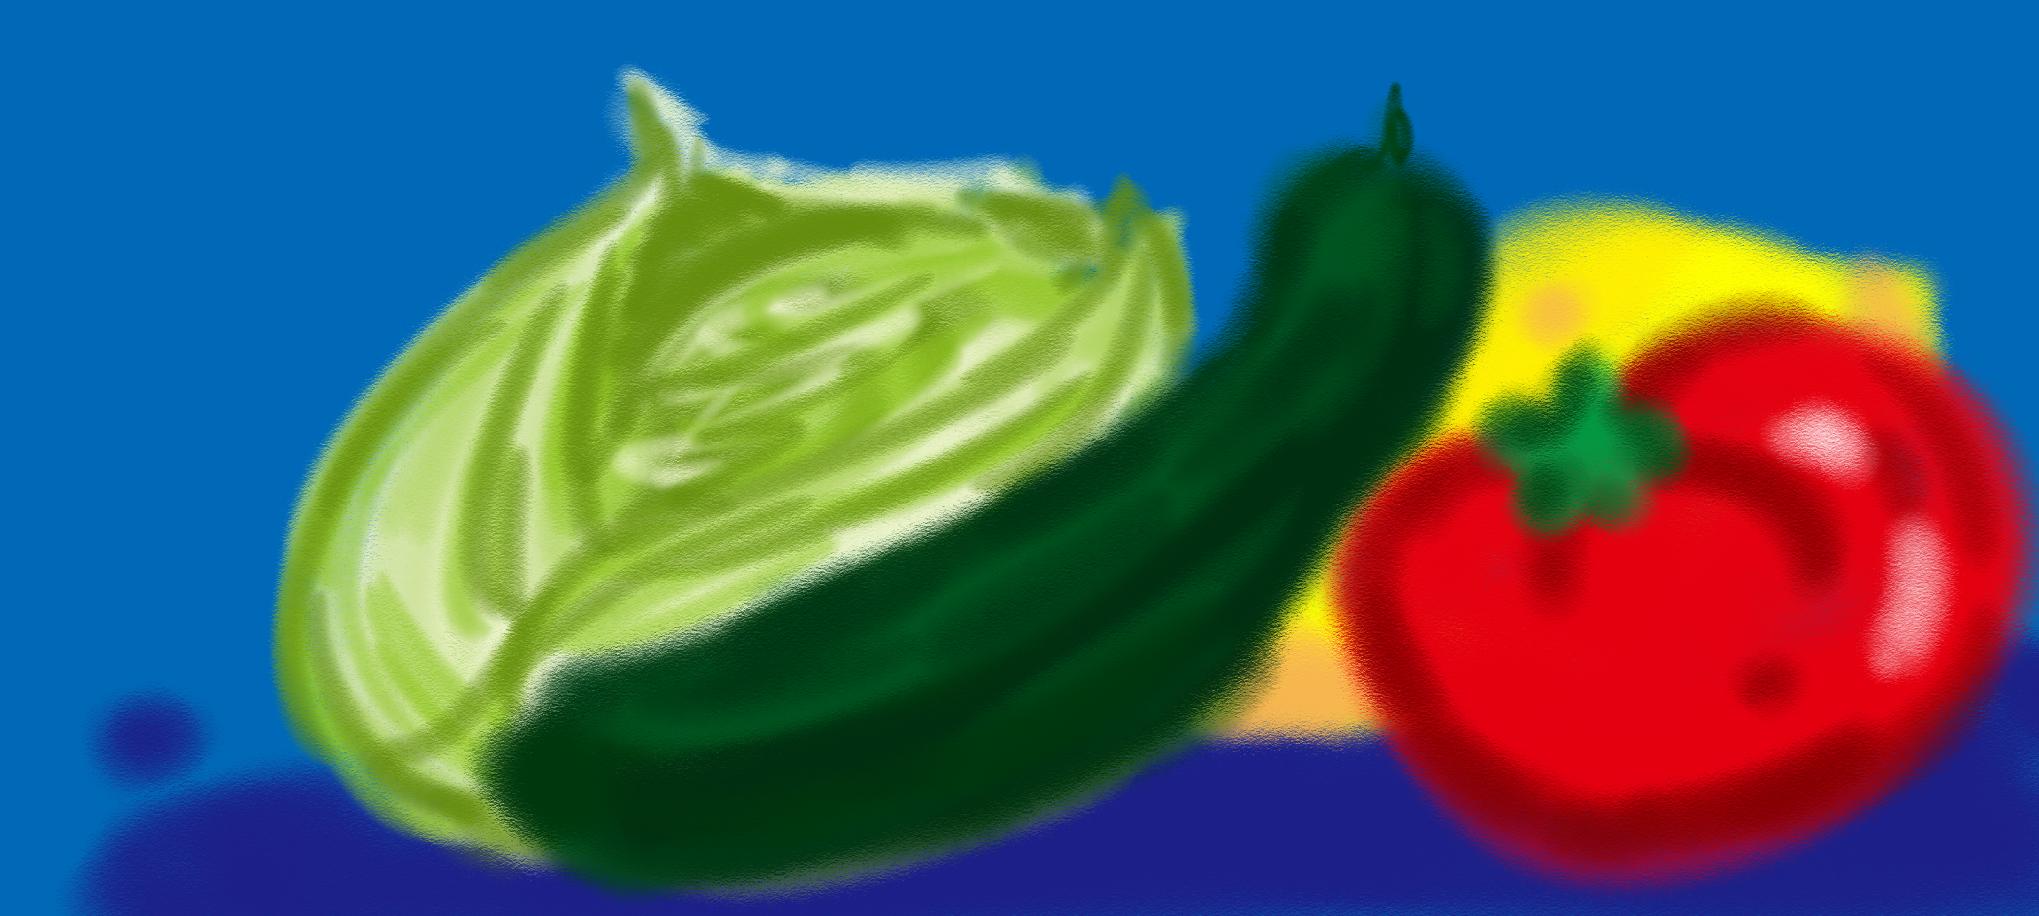 生野菜を食べると痒くなる?あのアレルギーの関連と症状は?